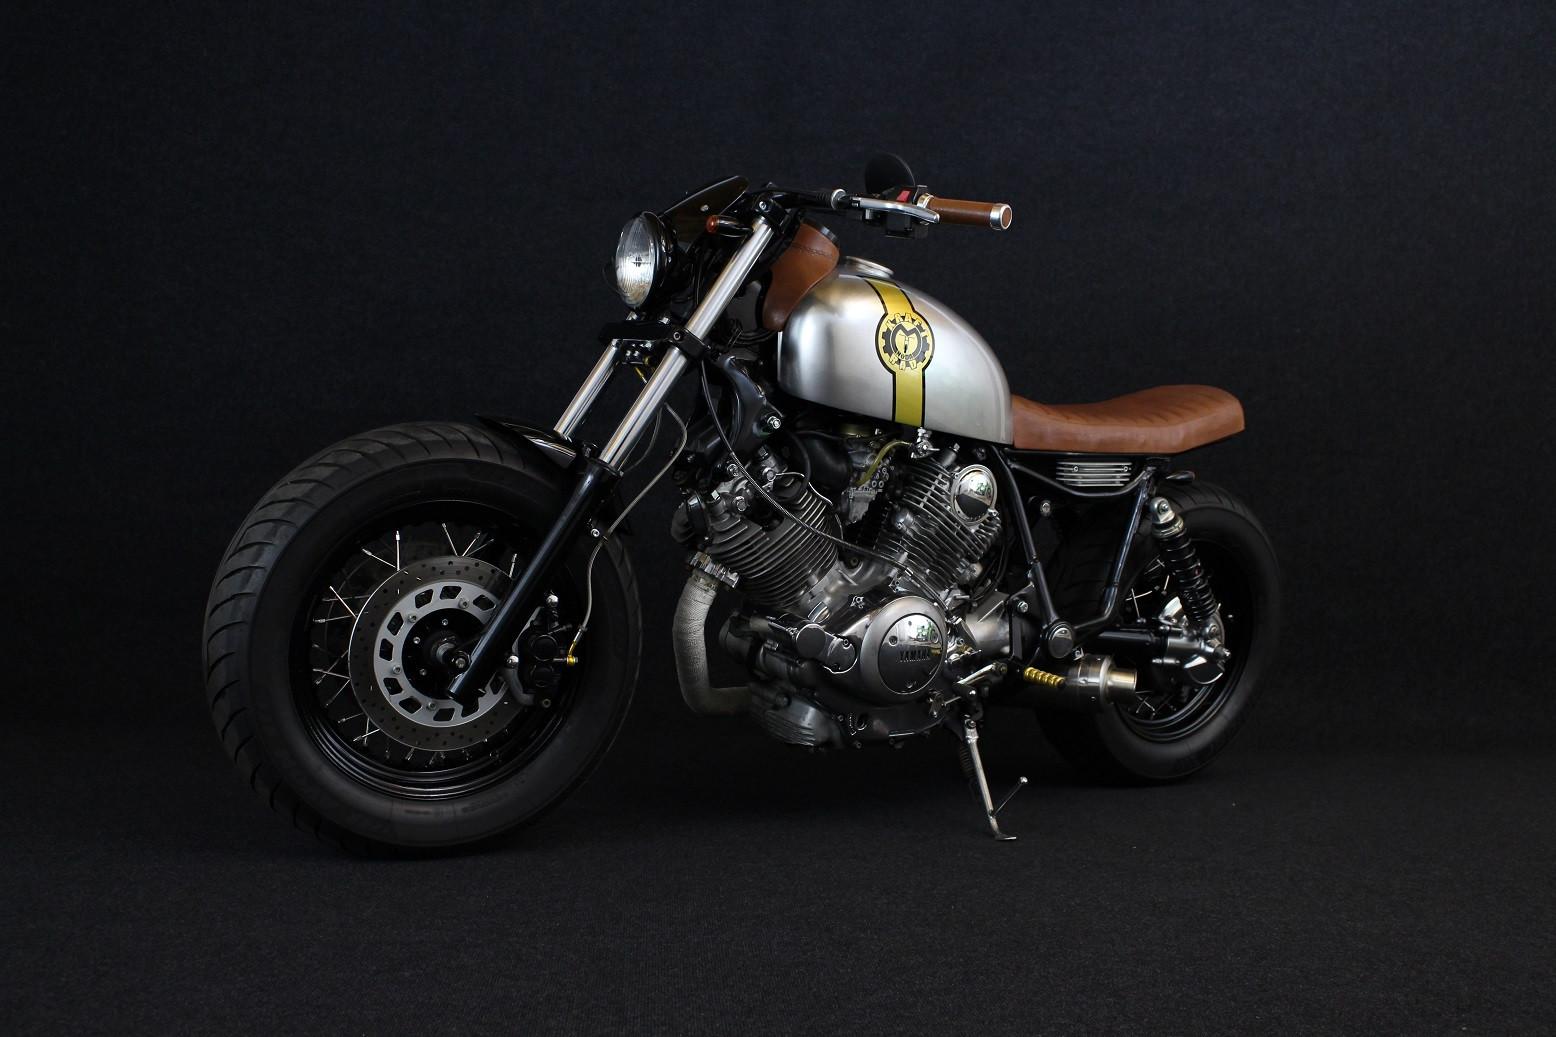 Einzigartiges mit Stil: Yamaha Virago 1100 Umbau auf Cafe Racer ...